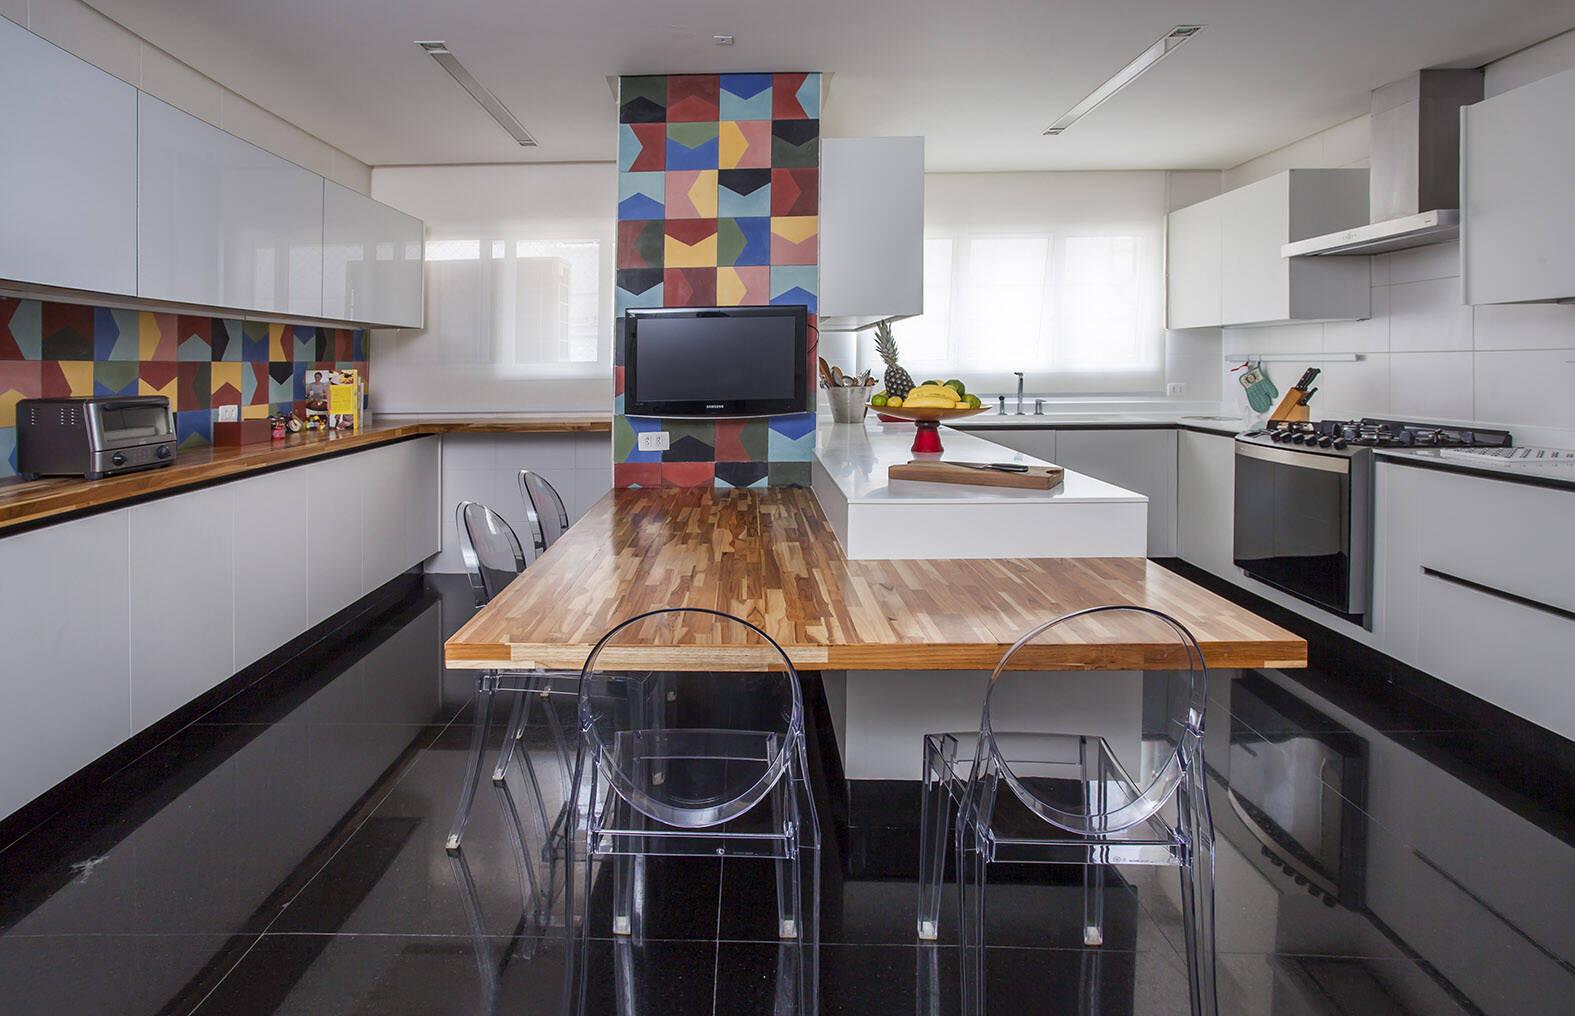 Outra sugestão de bancada de cozinha com um estilo mais moderno. Foto: Karina Korn Arquitetura/Eduardo Pozzela